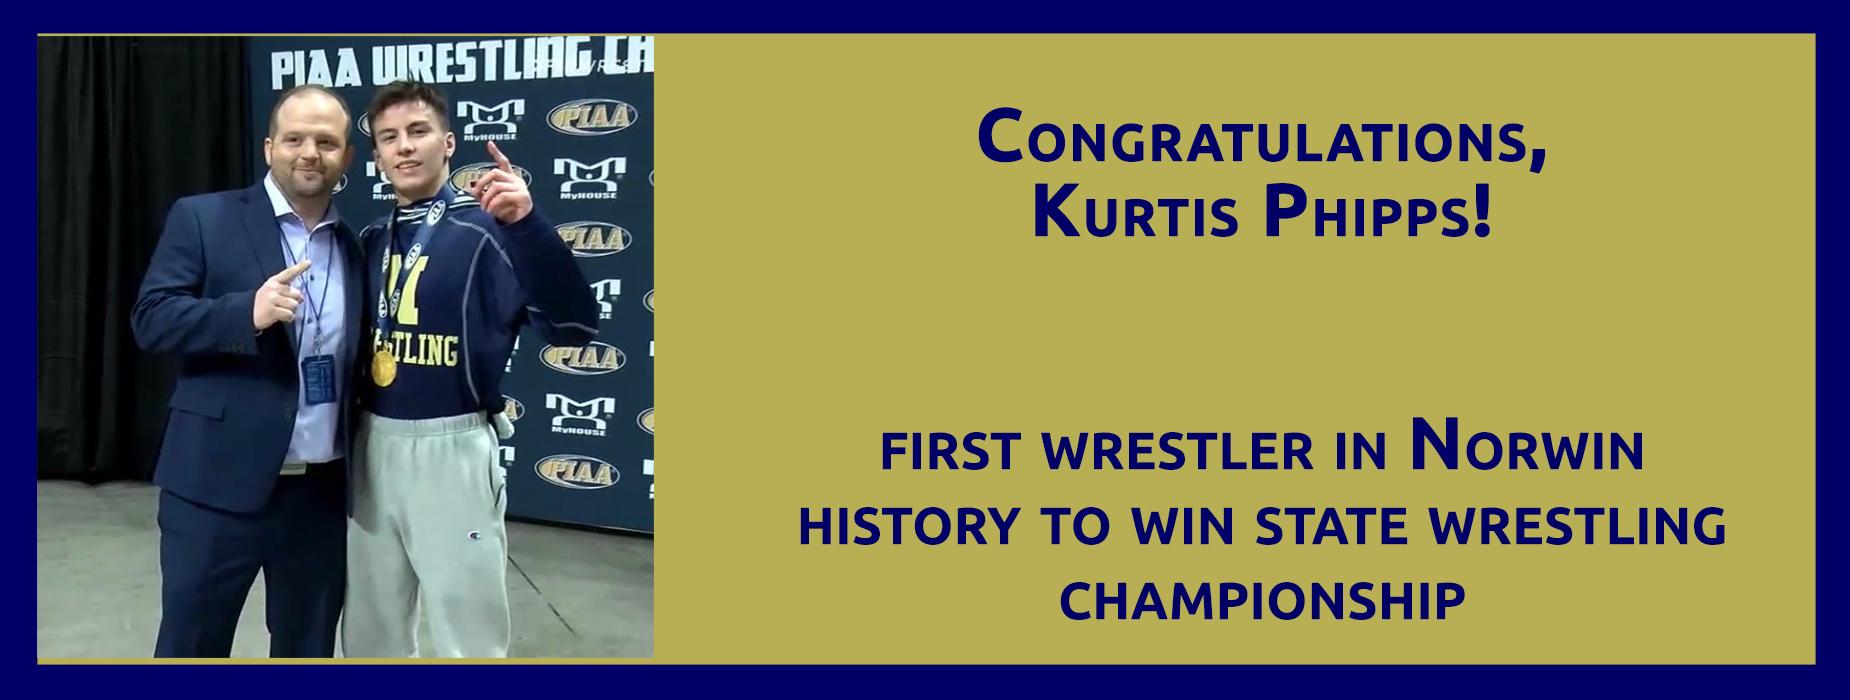 Congratulations, Kurtis Phipps